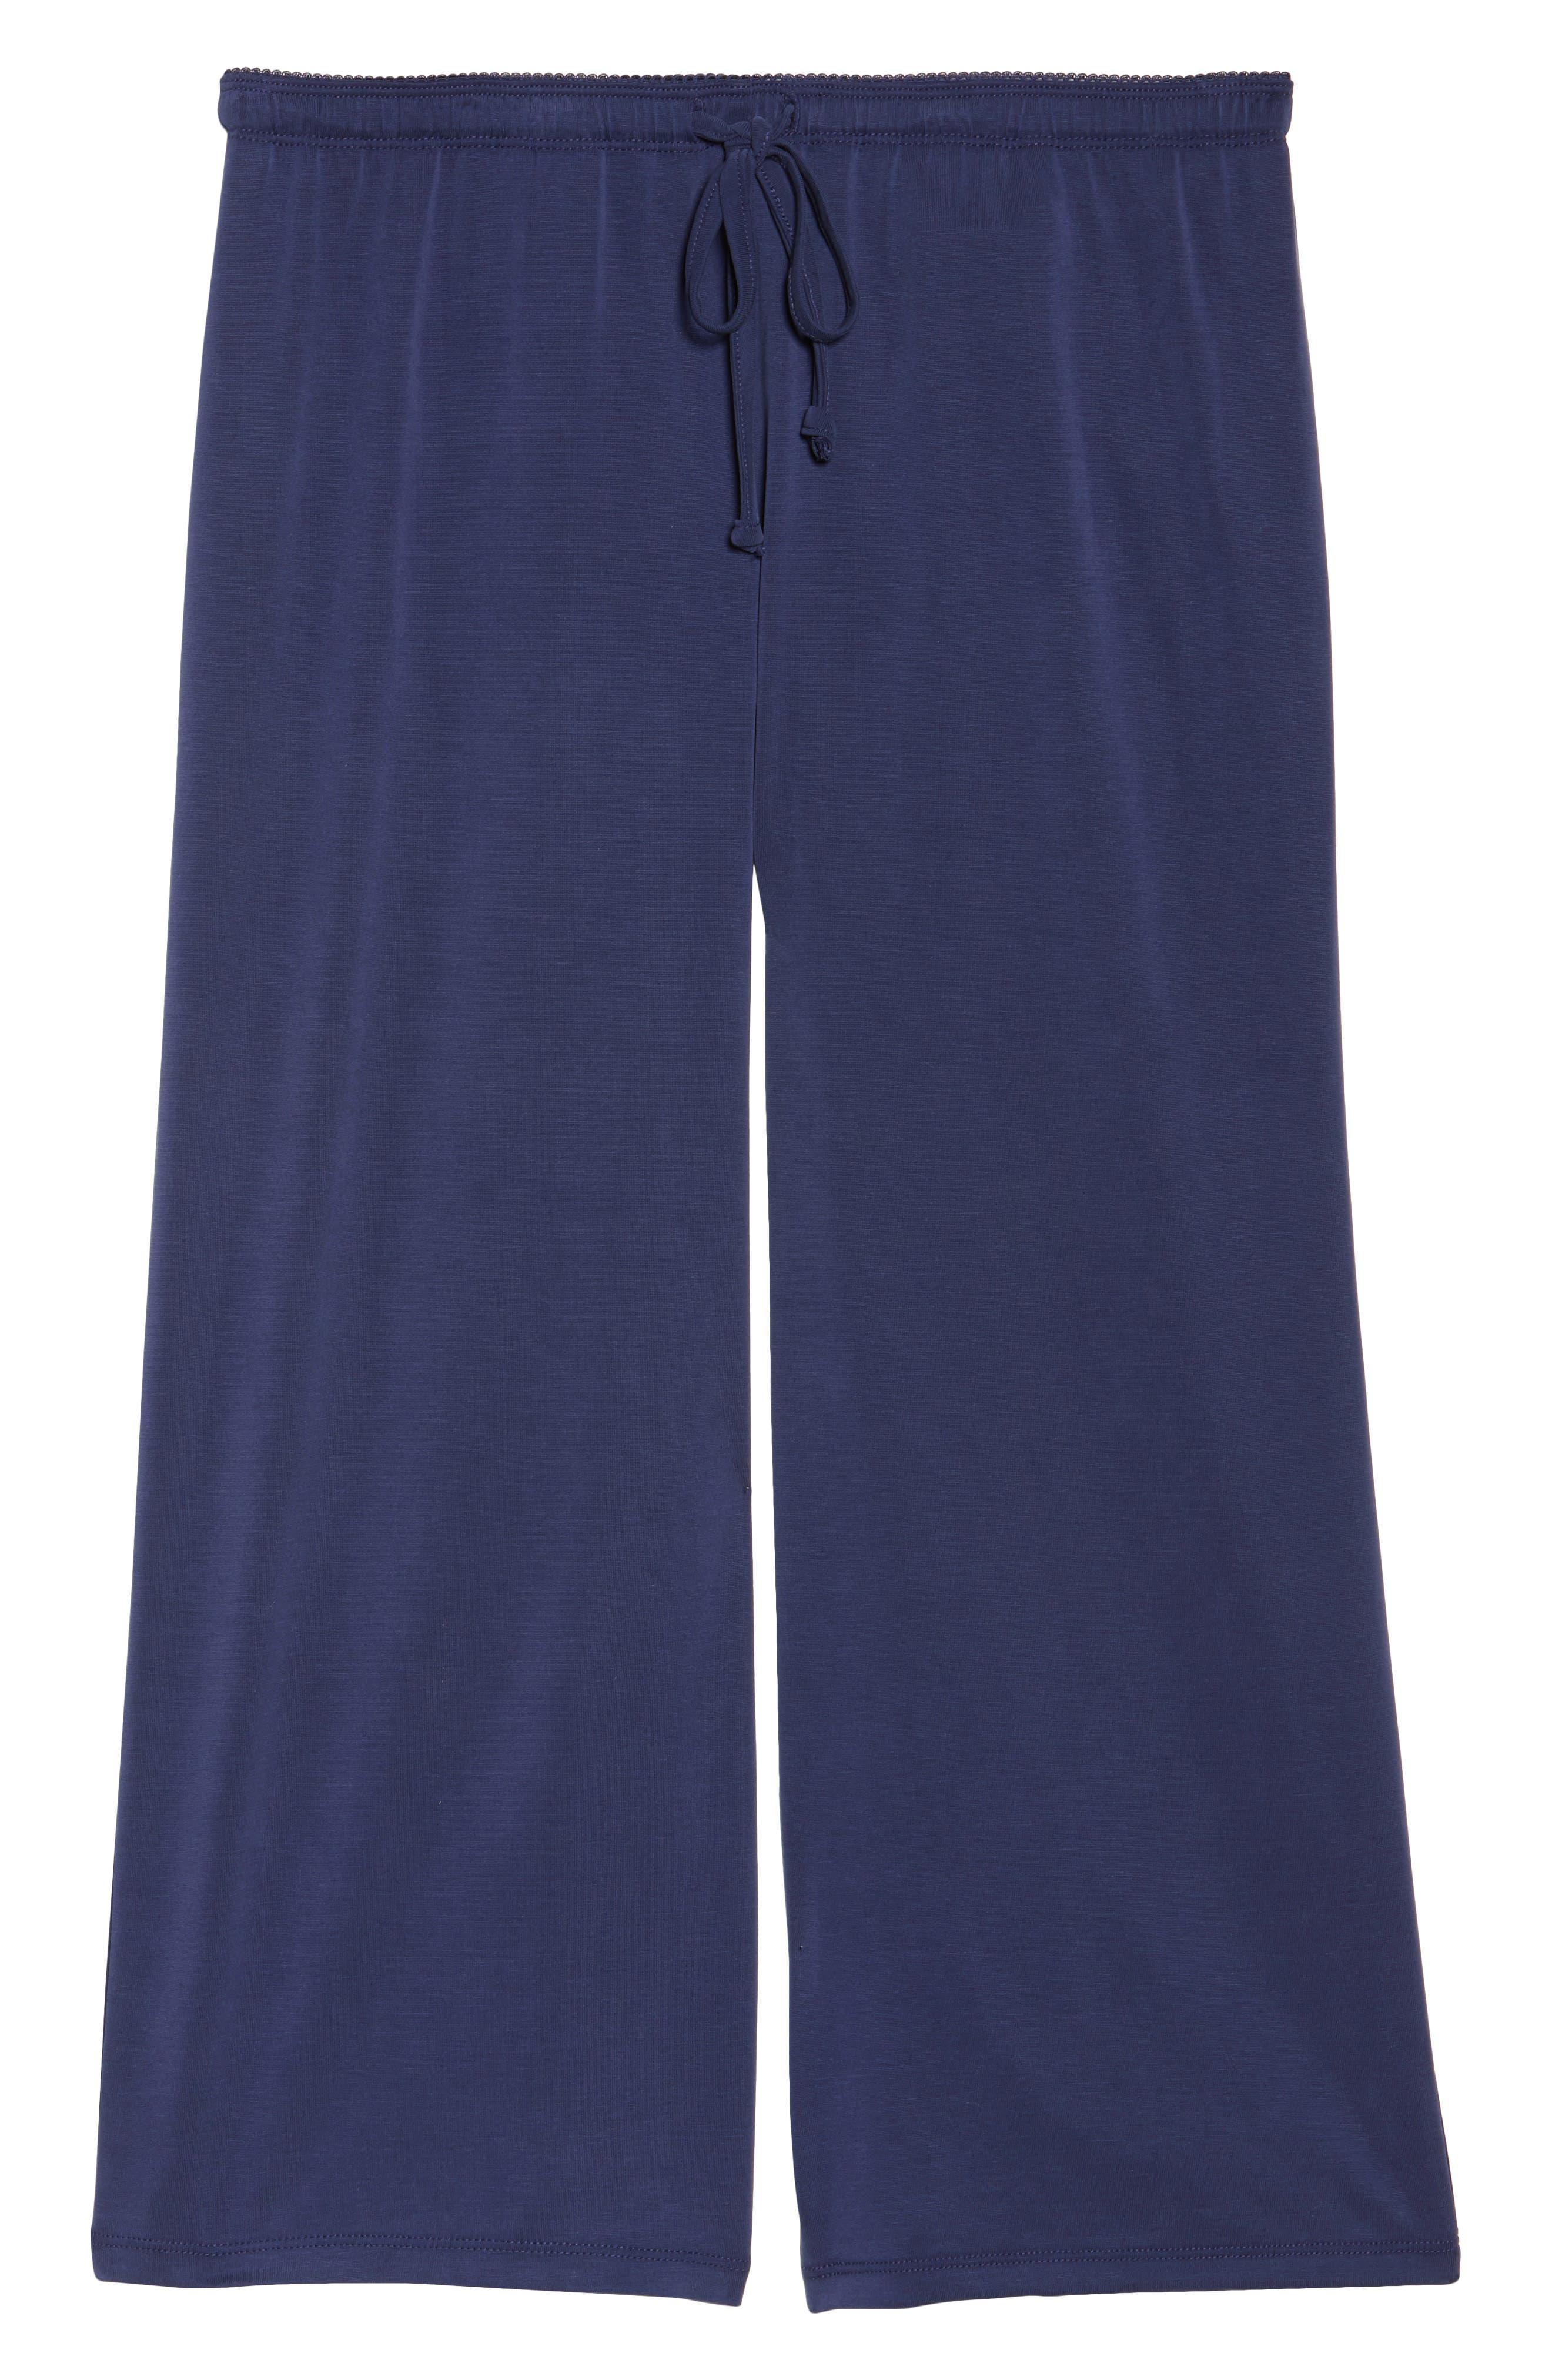 Crop Lounge Pants,                             Alternate thumbnail 6, color,                             410